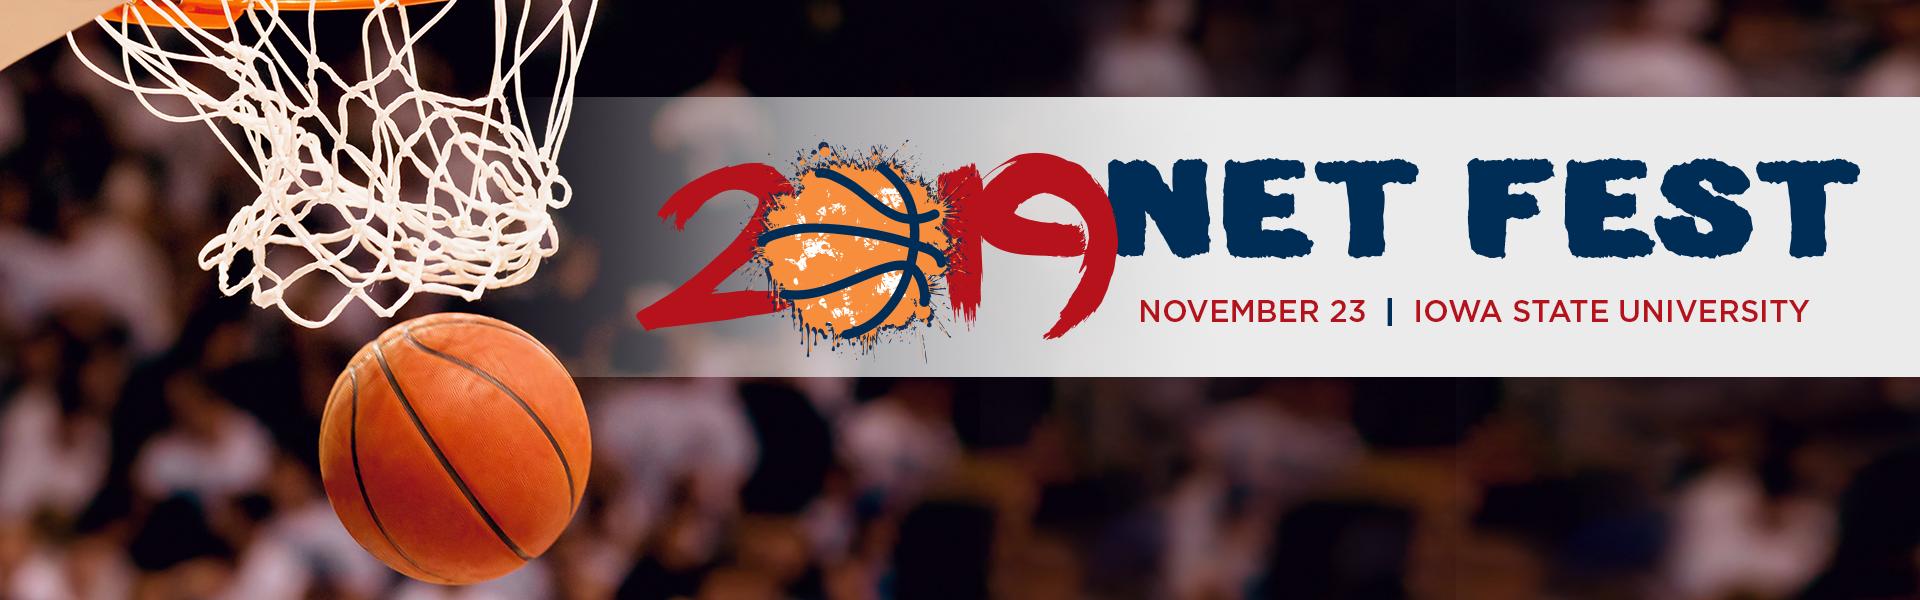 Net Fest Basketball